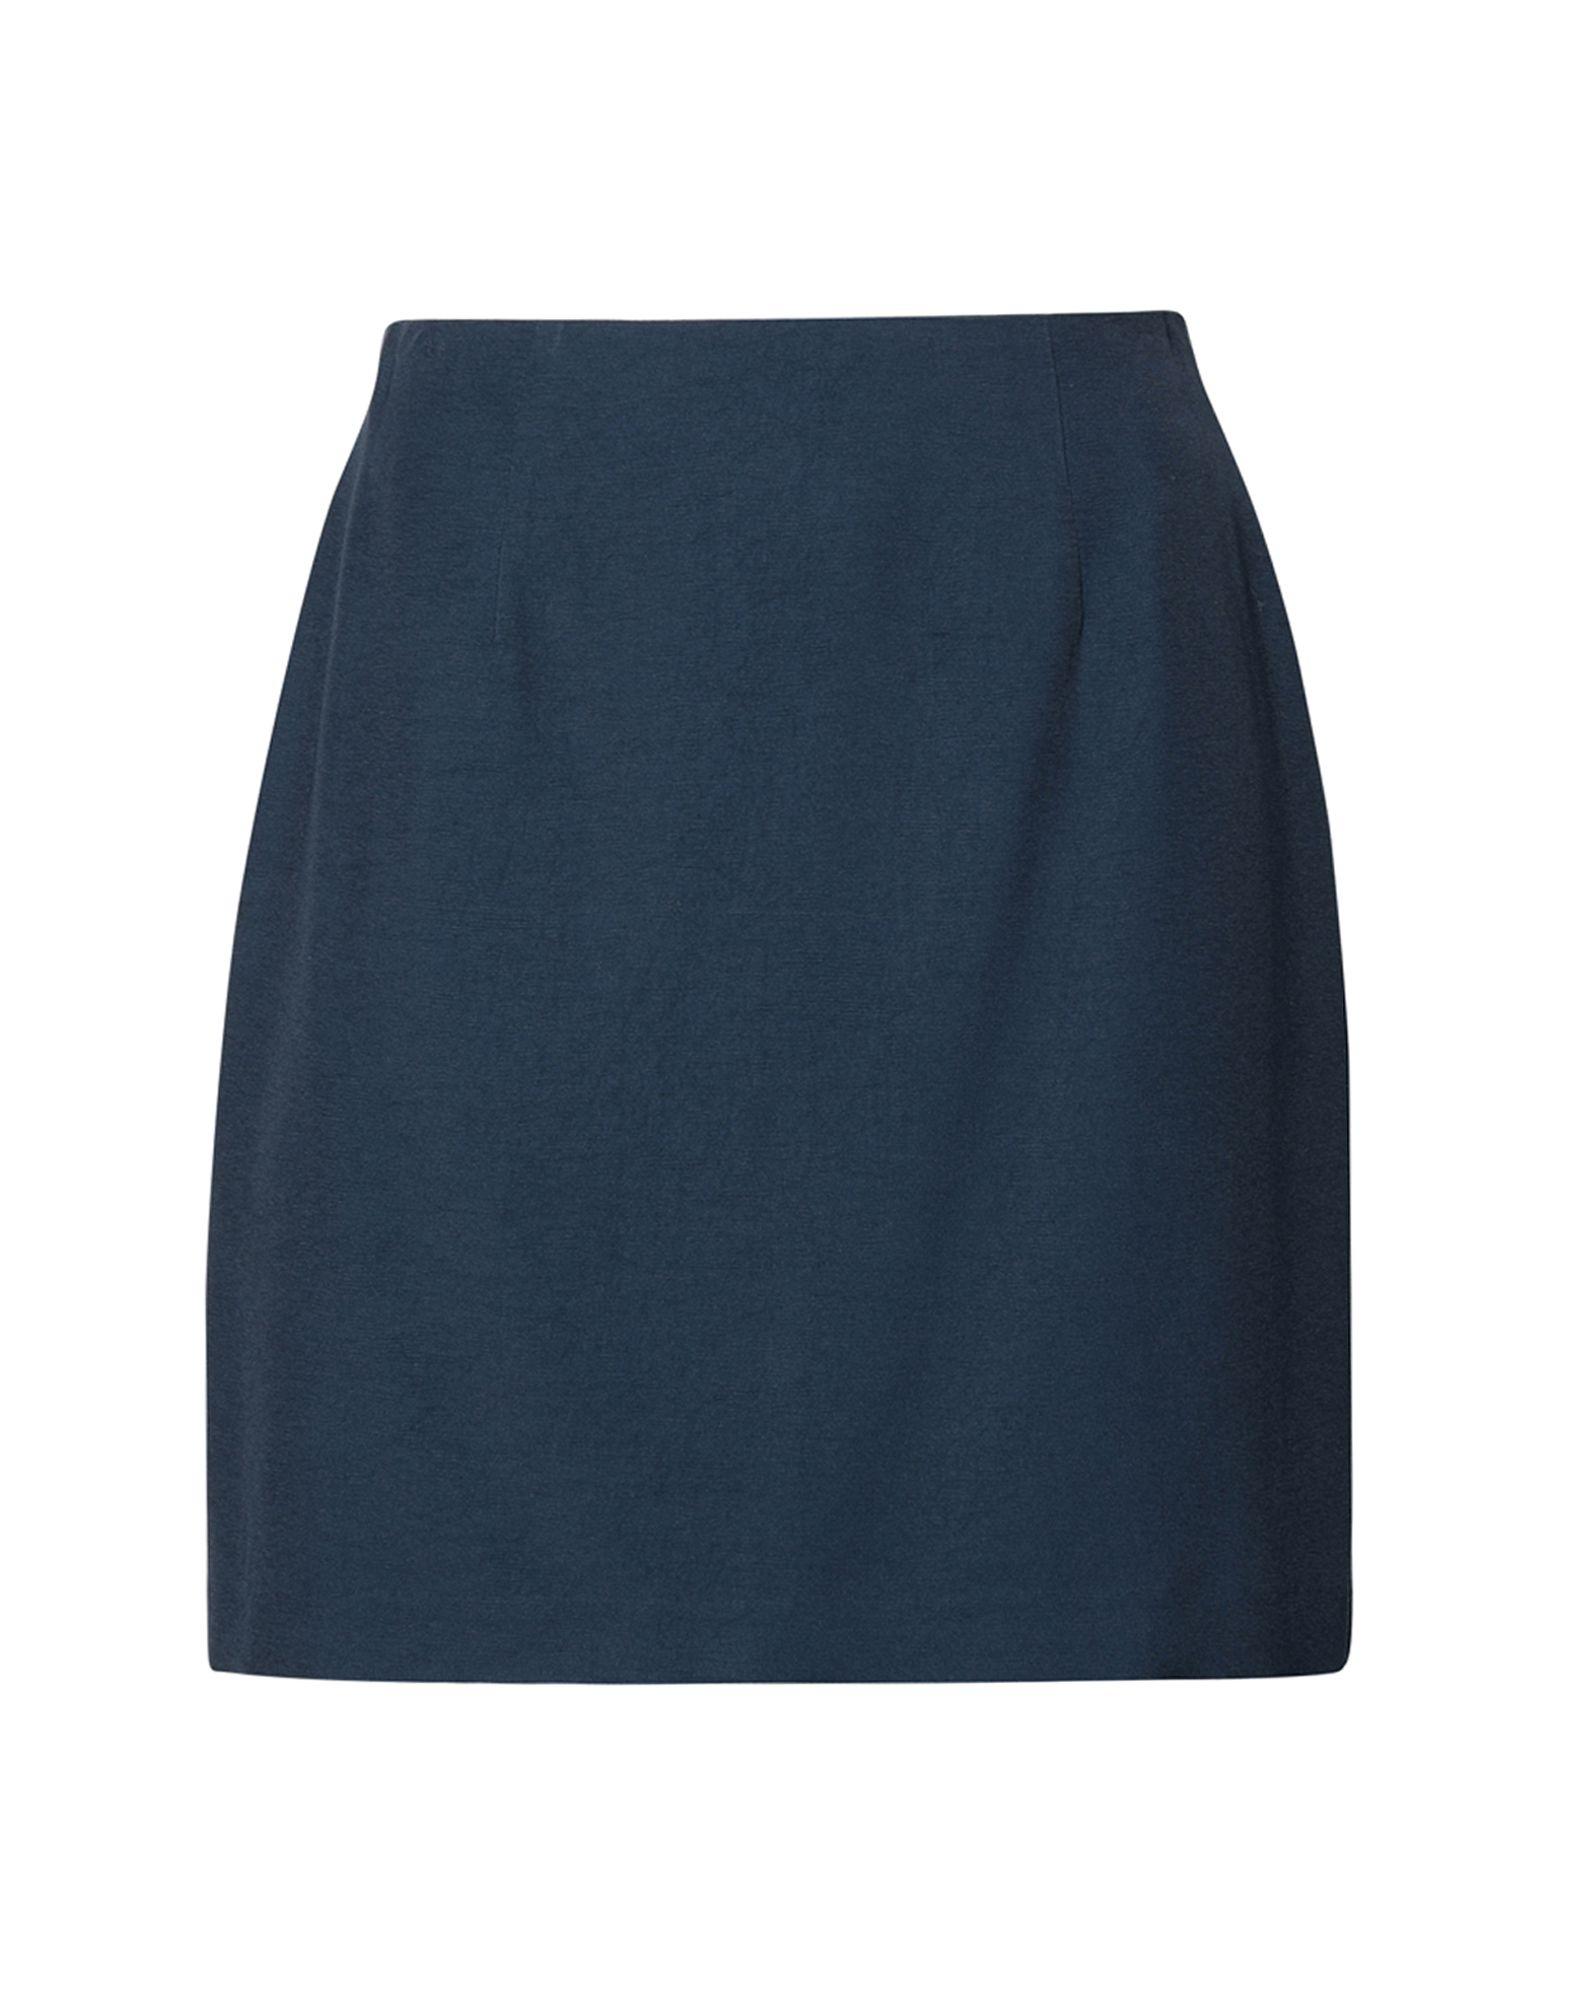 8 by YOOX Мини-юбка юбка жаккардовая короткая